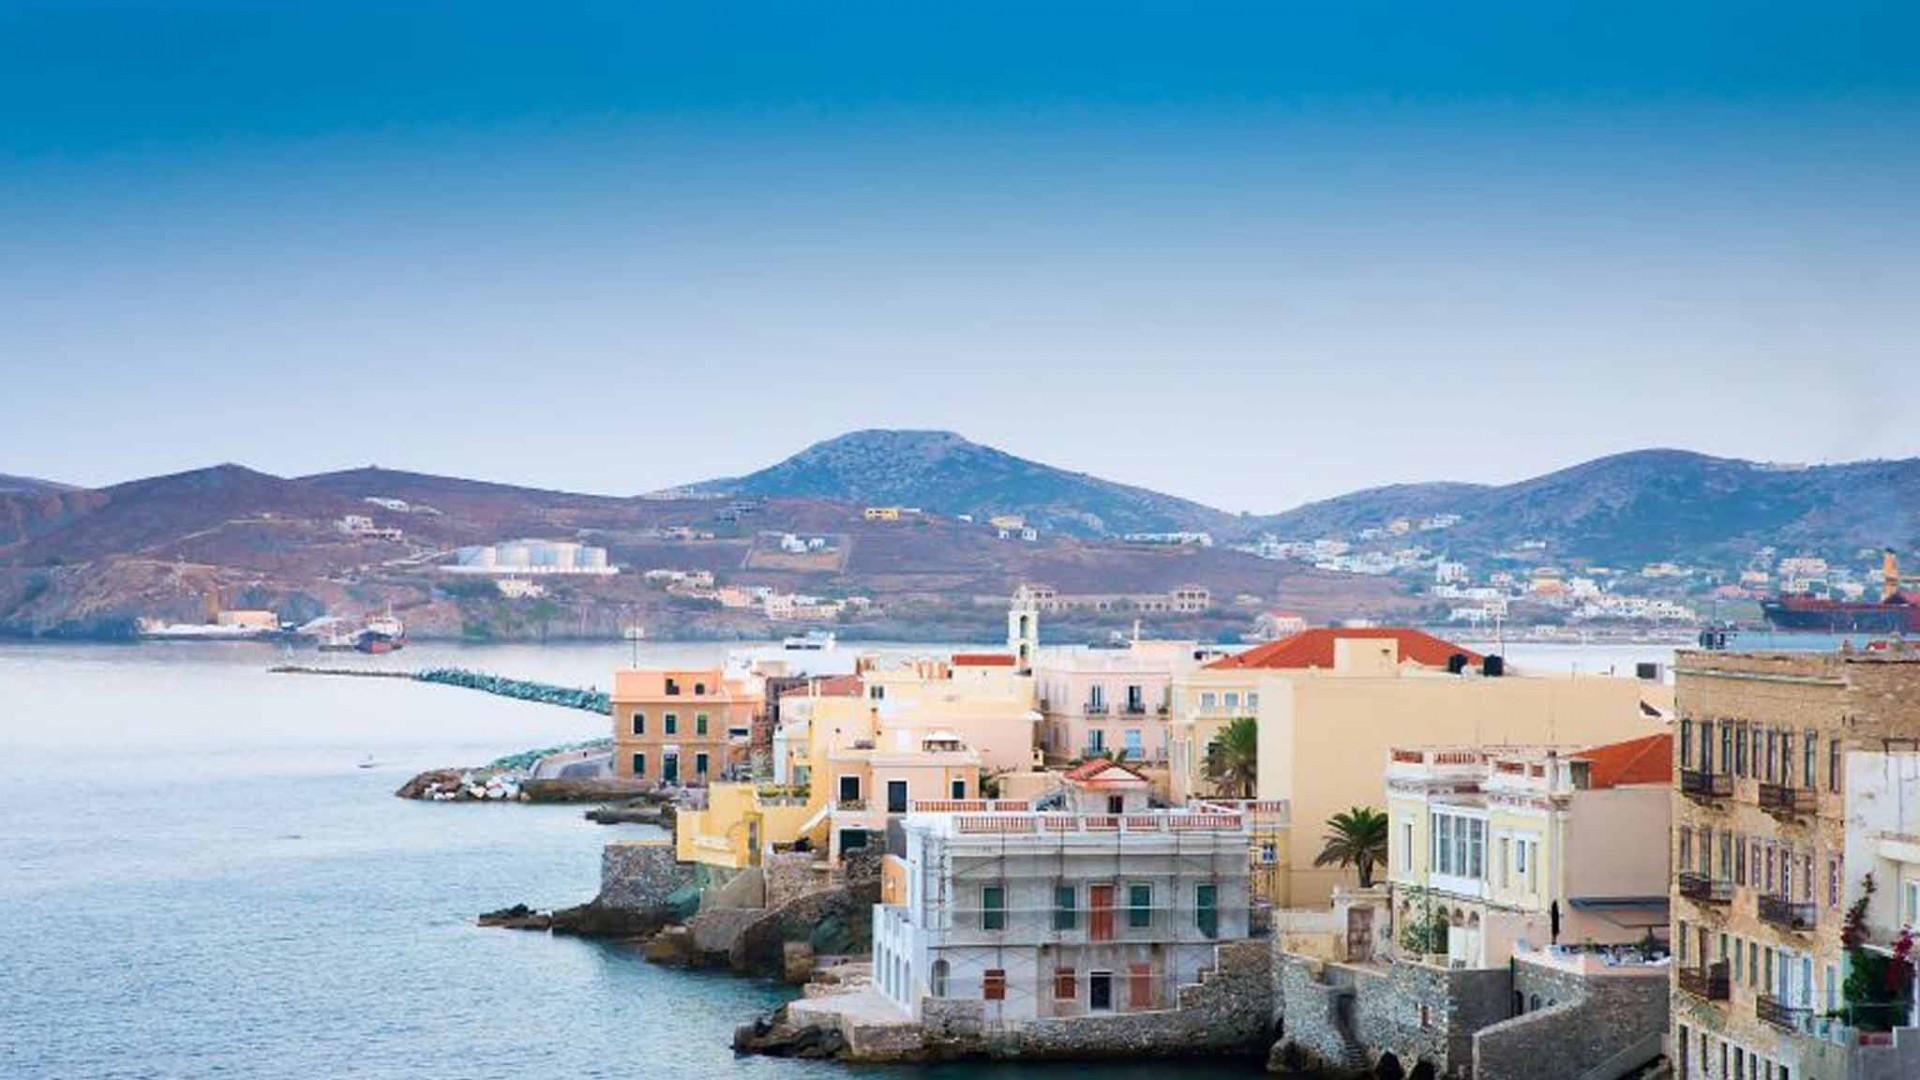 Grčka, zemlja na moru